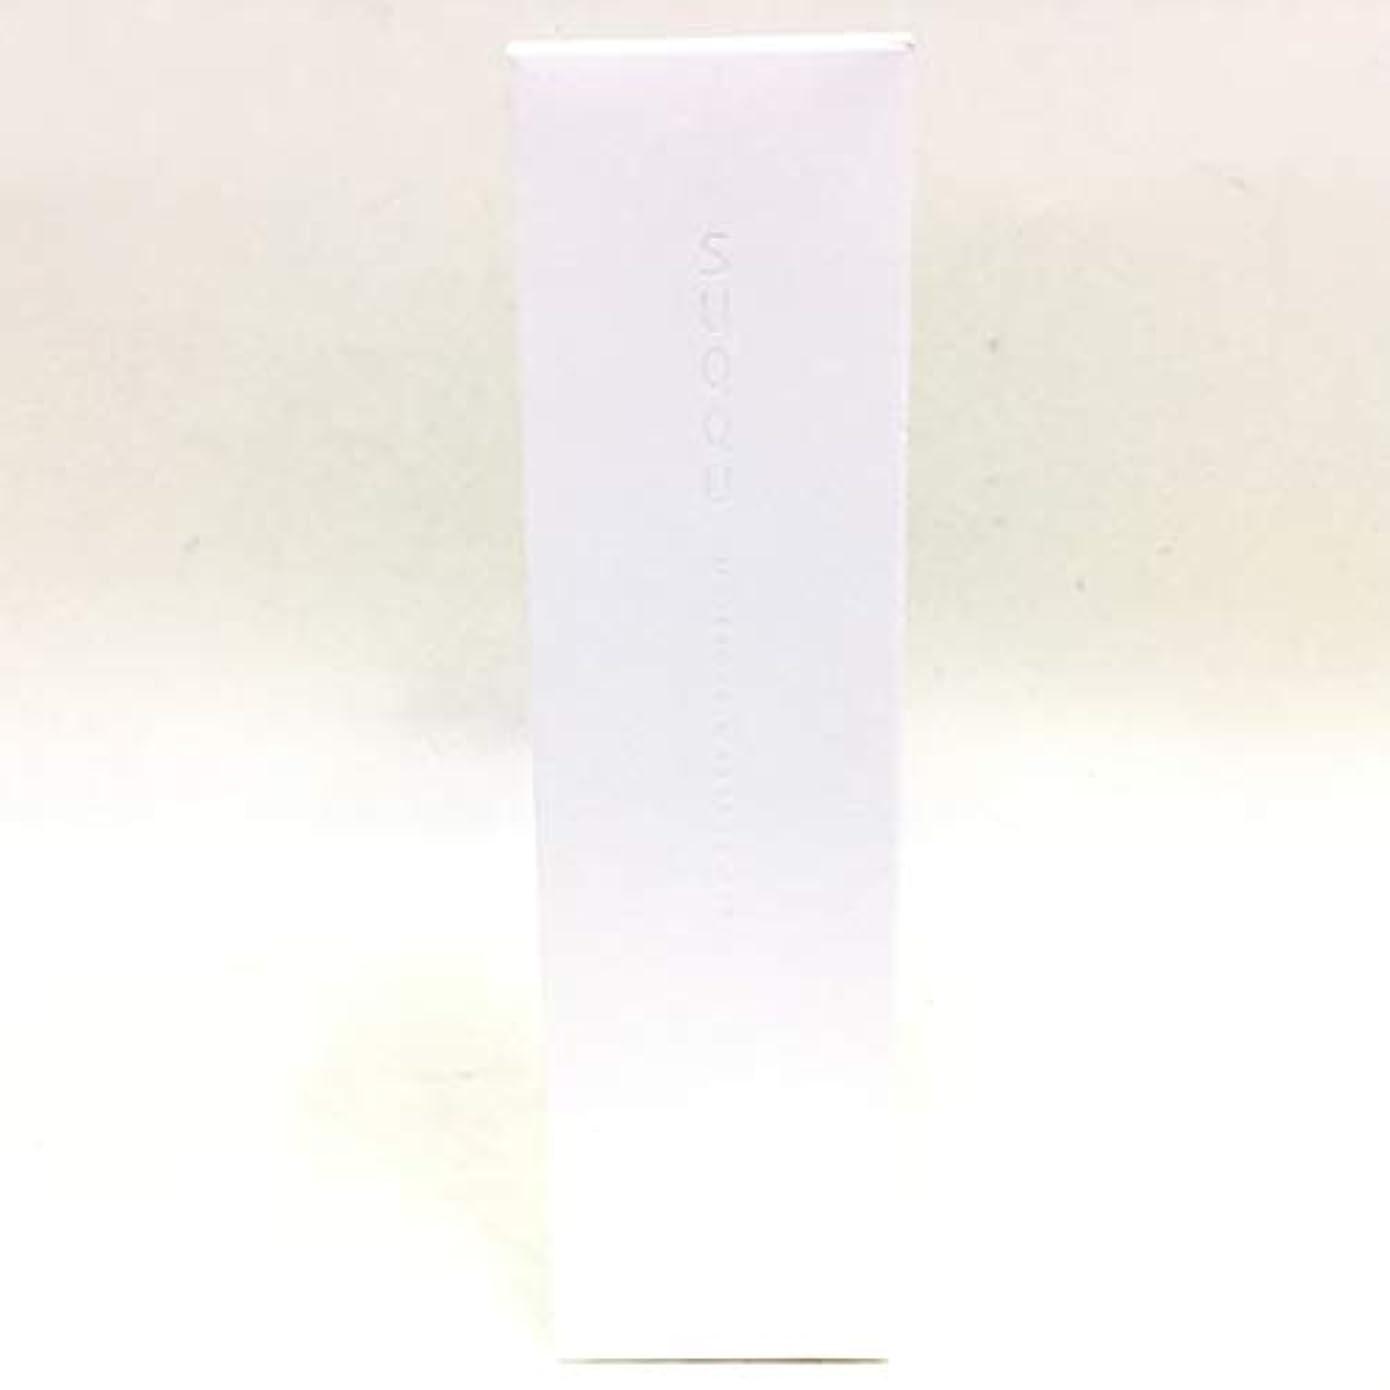 アデレードファントム表面的なモイスチャーマッサージスクラブ(マッサージ洗顔料)125g